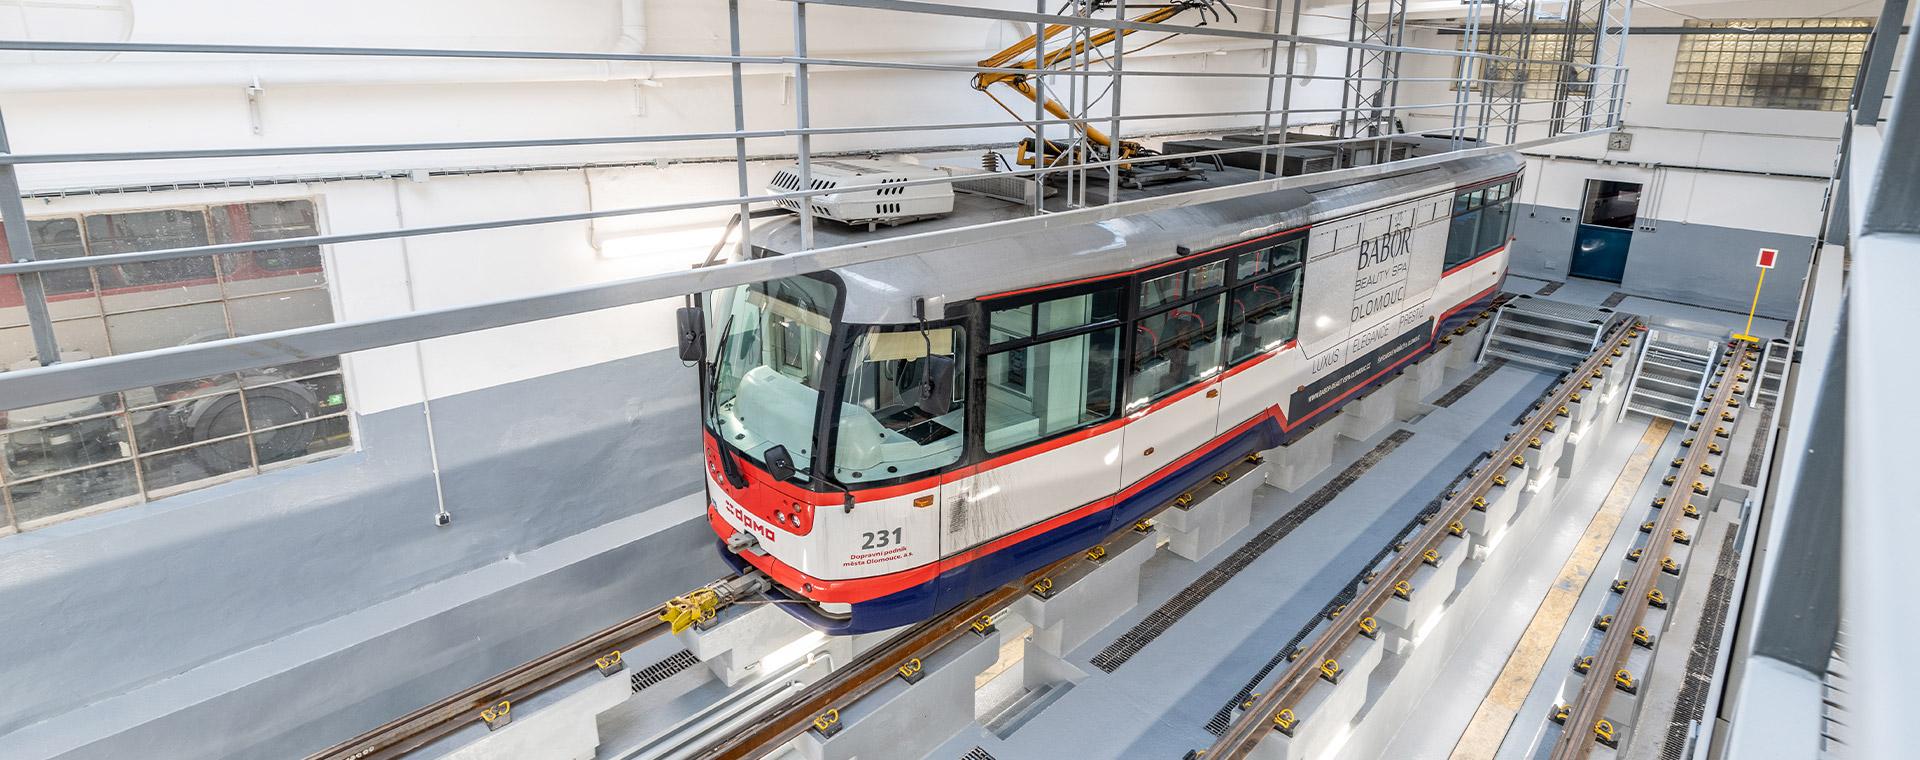 Reference: Olomoucké tramvaje parkují díky Mapei vnovém depu